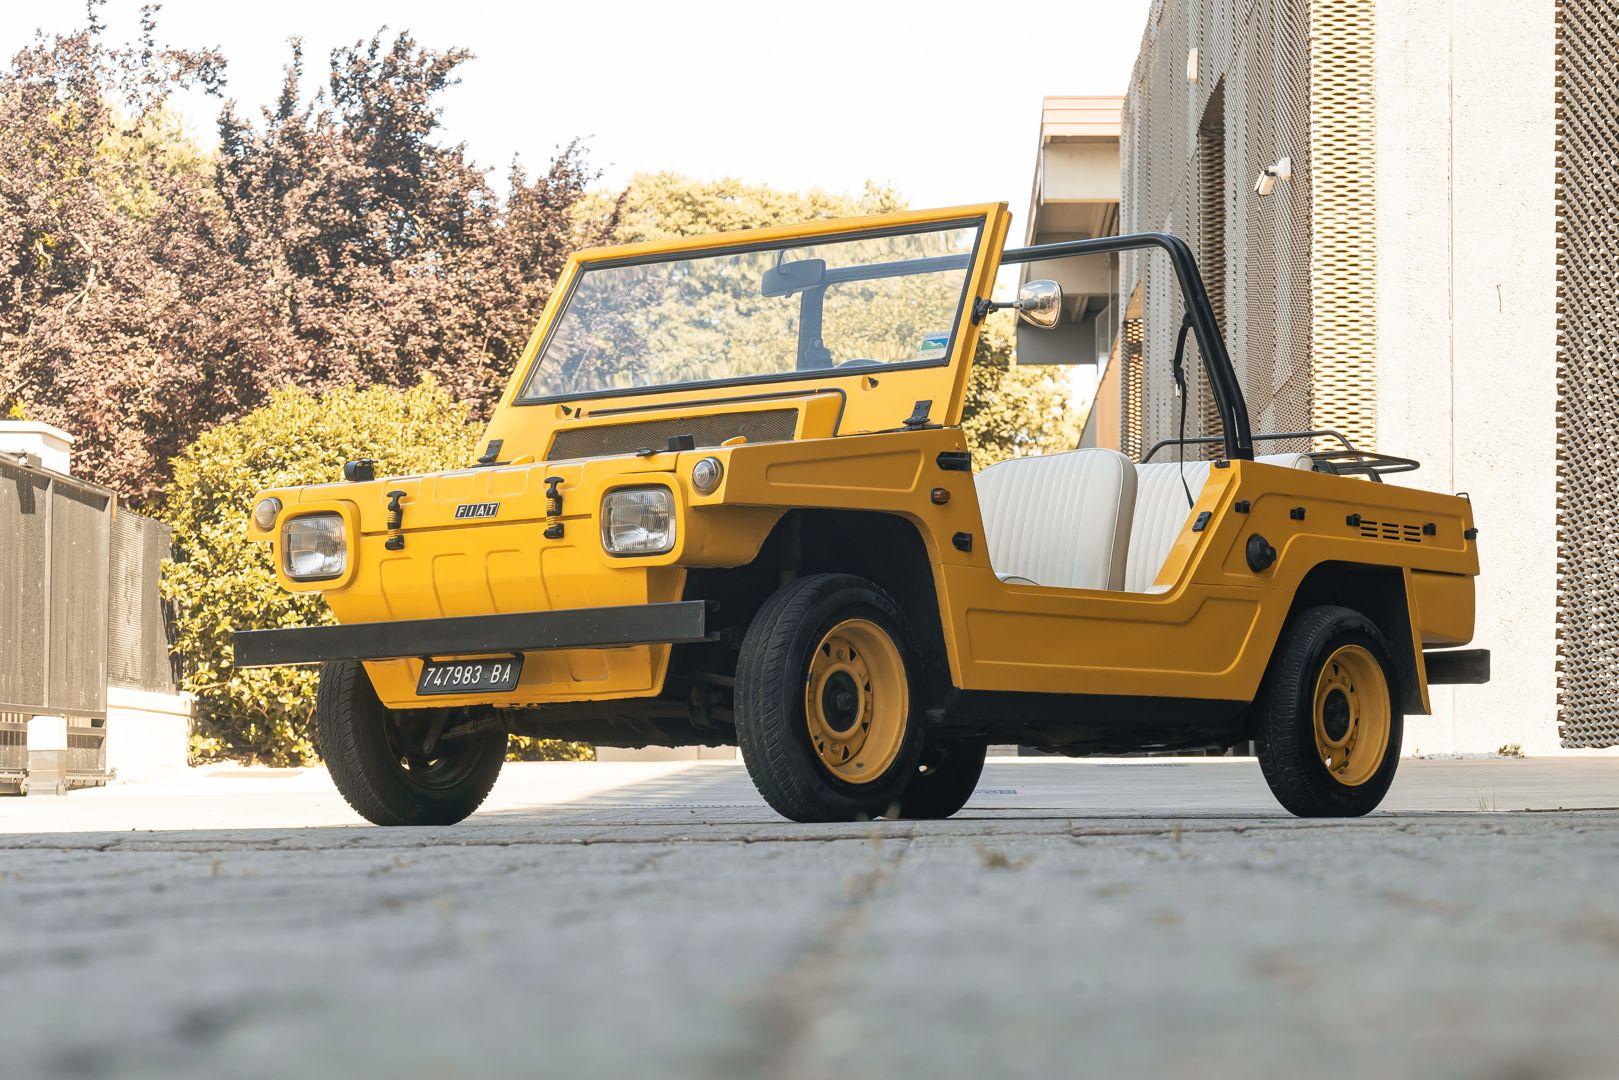 1977 FIAT 126 Jungla Savio 76363